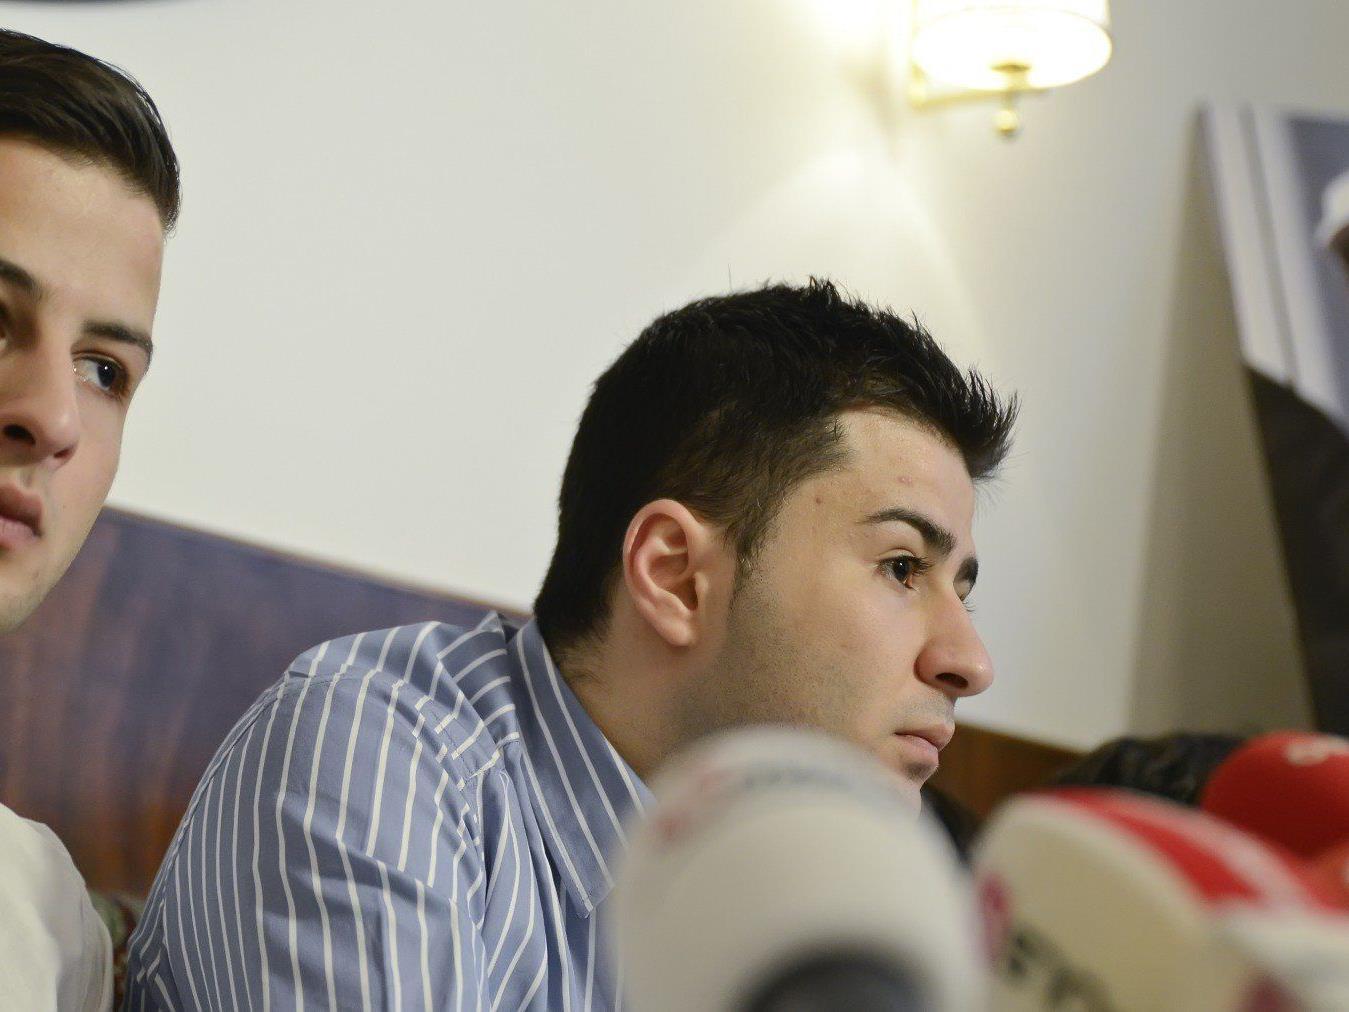 Die Söhne des in Syrien verhafteten Jamal Orabi (auf einem Bild im Hintergrund) am Freitag, 21. Dezember 2012, während einer Pressekonferenz in Wien.